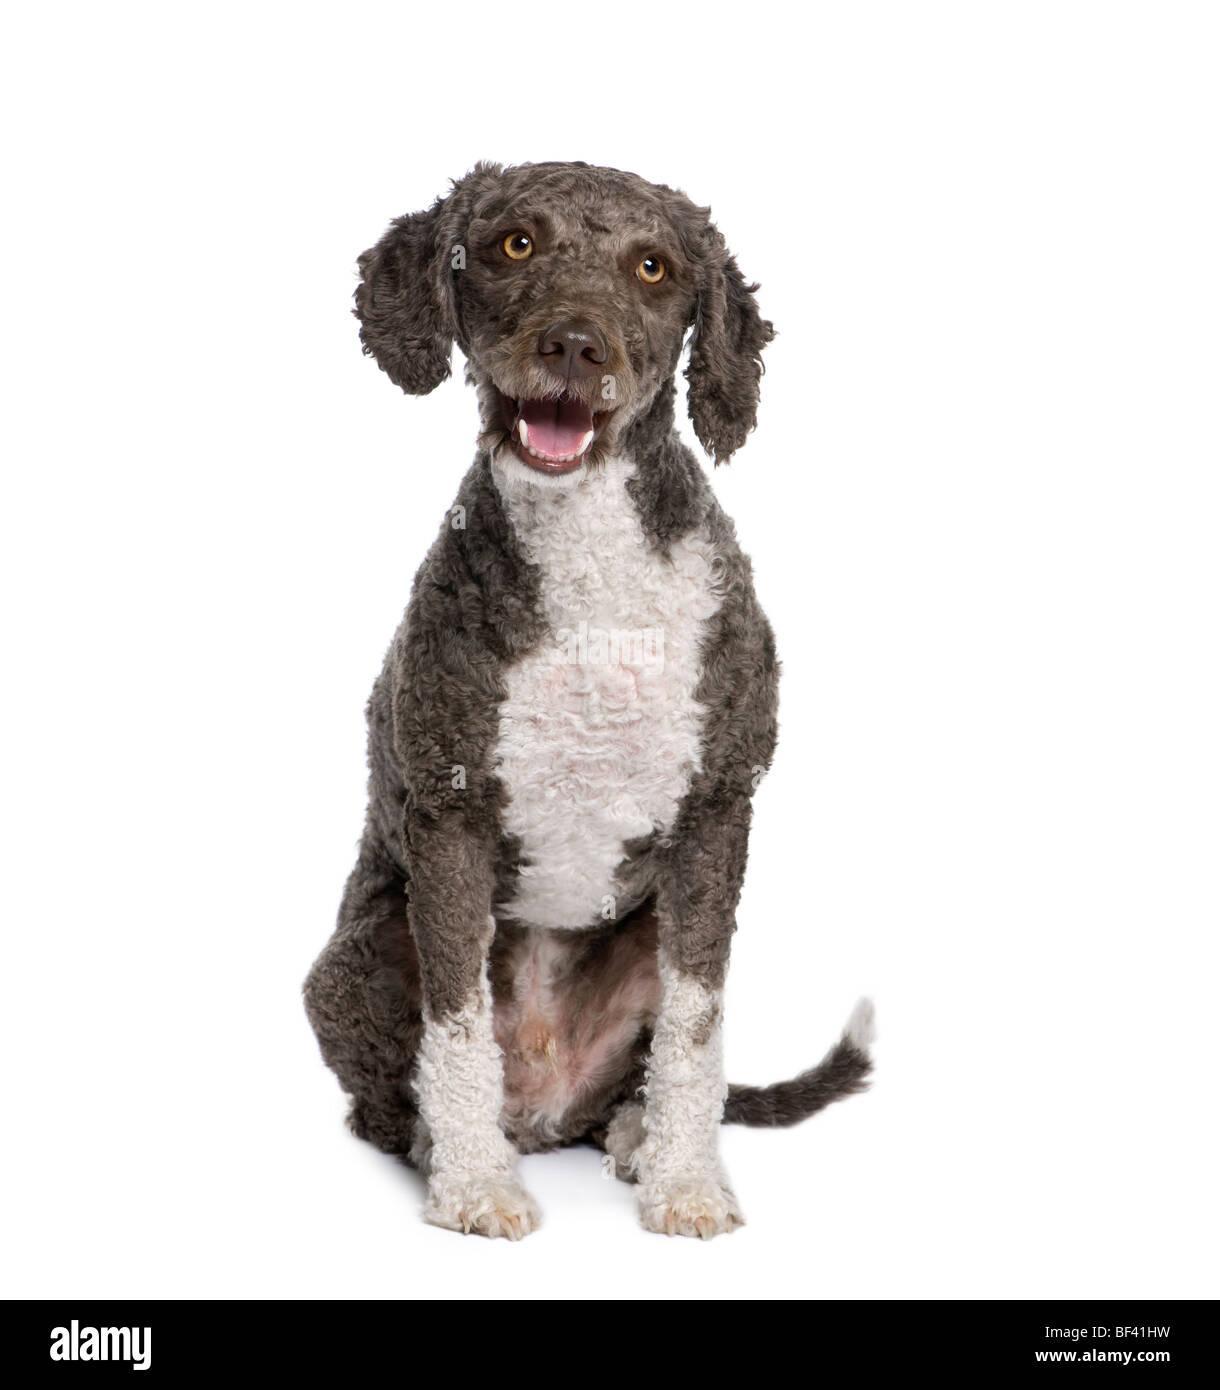 Spanische Wasser Spaniel Hund, 3 Jahre alt, sitzt vor weißem Hintergrund, Studio gedreht Stockbild